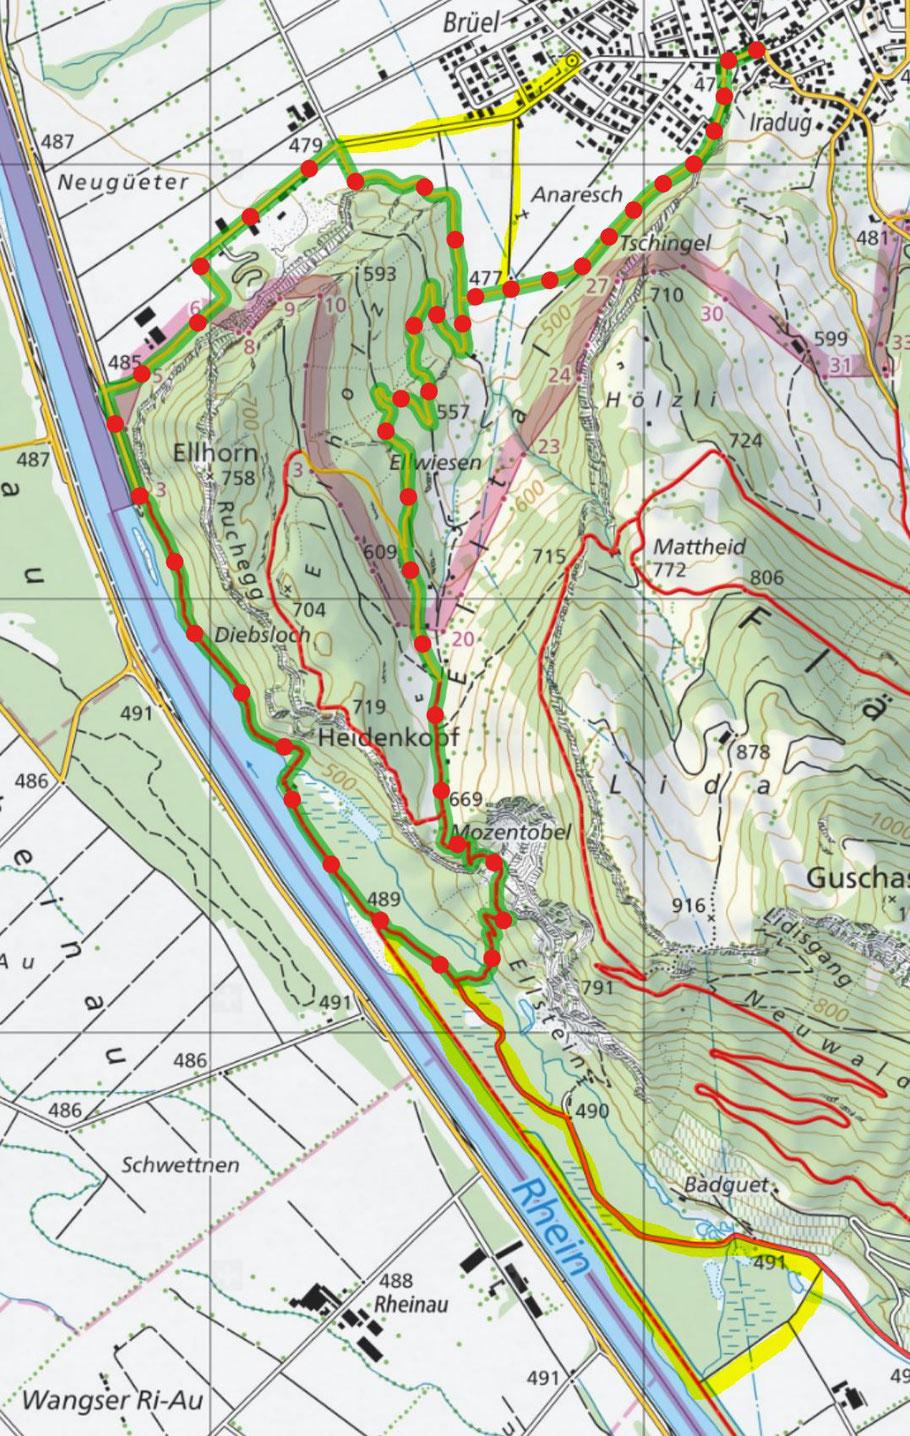 Karte von map.schweizmobil.ch mit Ergänzungen